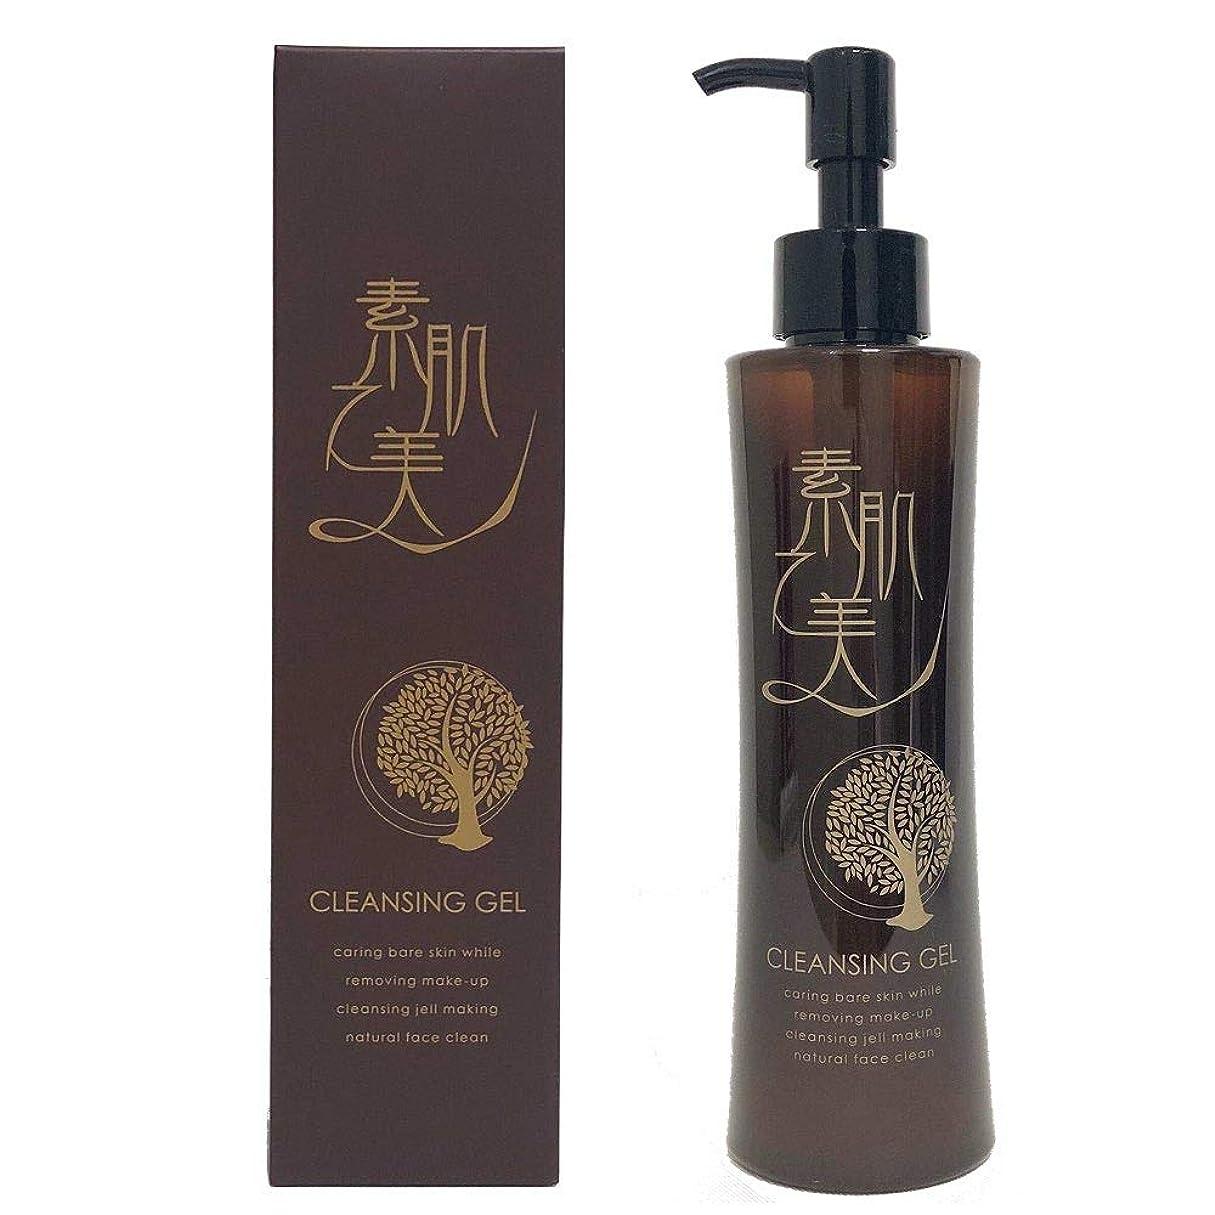 ダウン首謀者できる素肌の美 クレンジングジェル 11種類の 無添加 スーパーヒアルロン酸配合 美容皮膚科クリニック採用 180ml